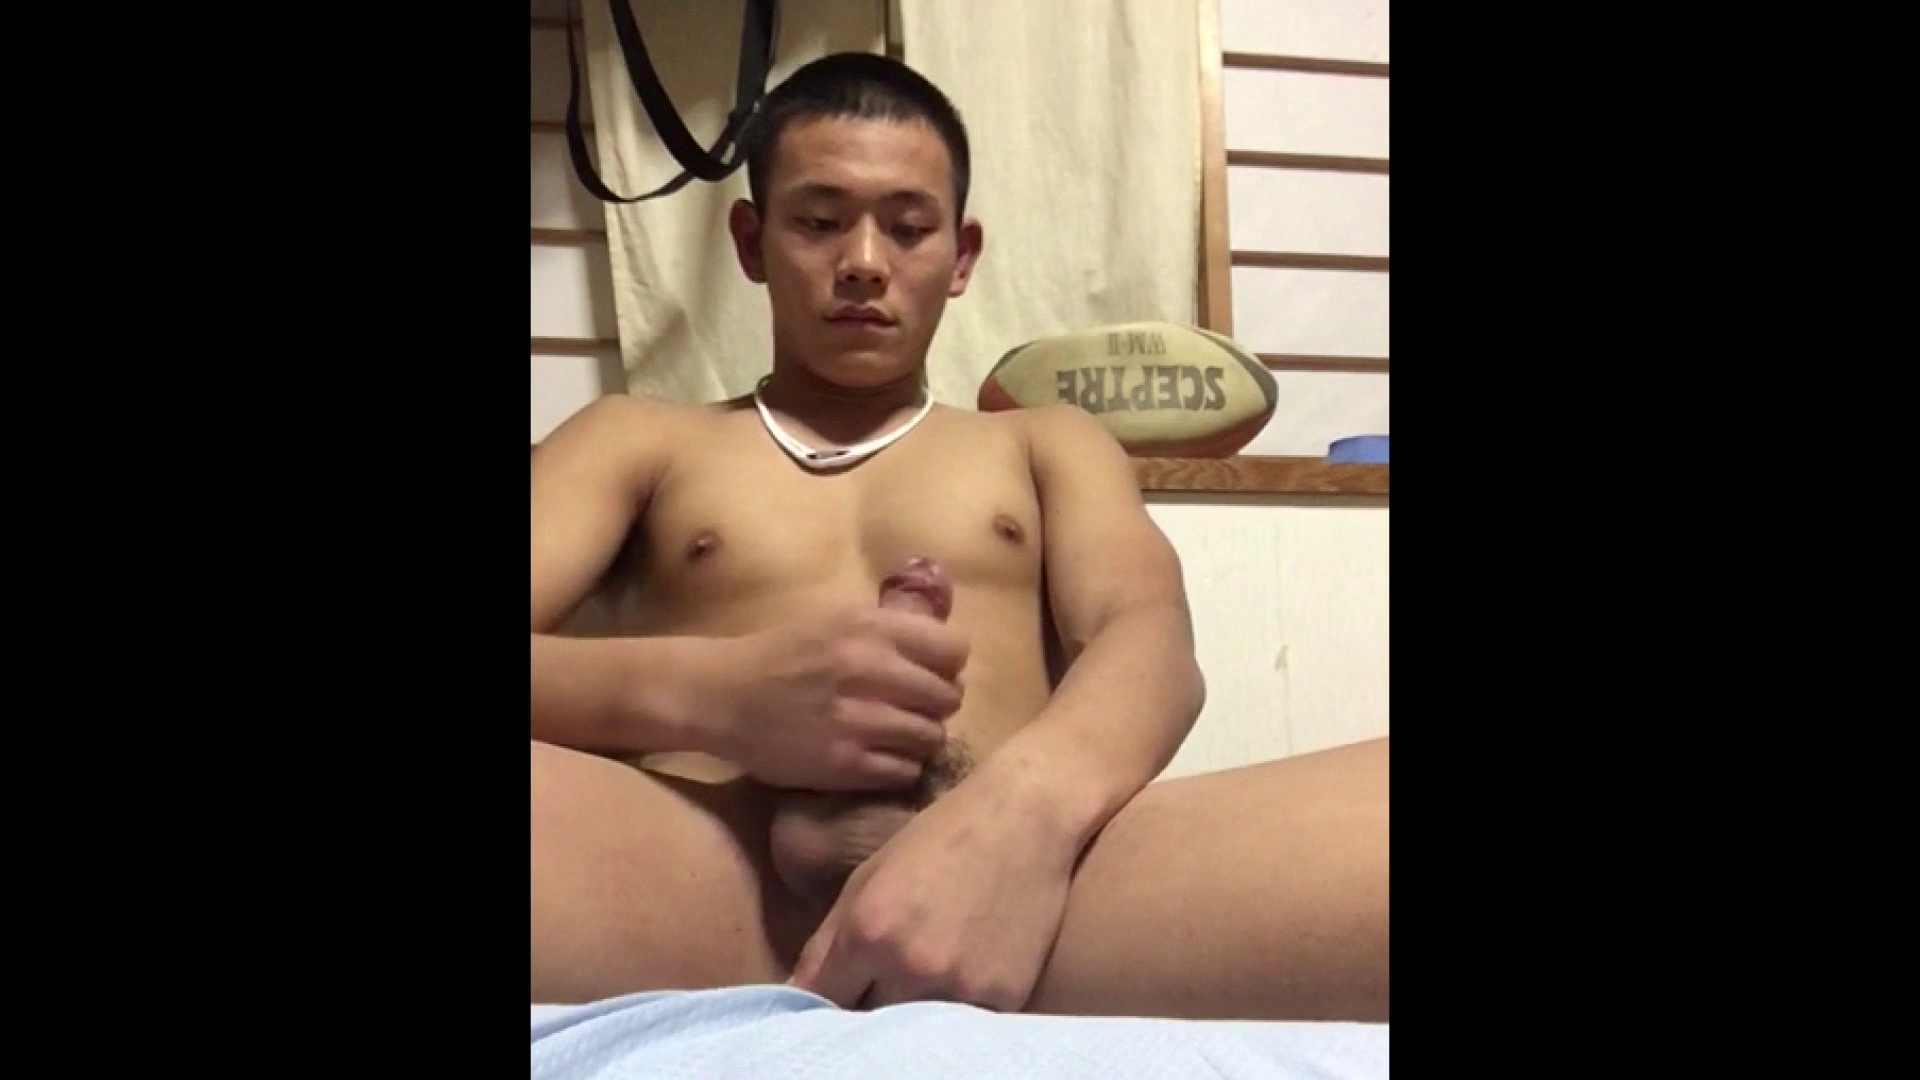 個人撮影 自慰の極意 Vol.26 ゲイのオナニー映像 ゲイアダルトビデオ画像 93枚 74